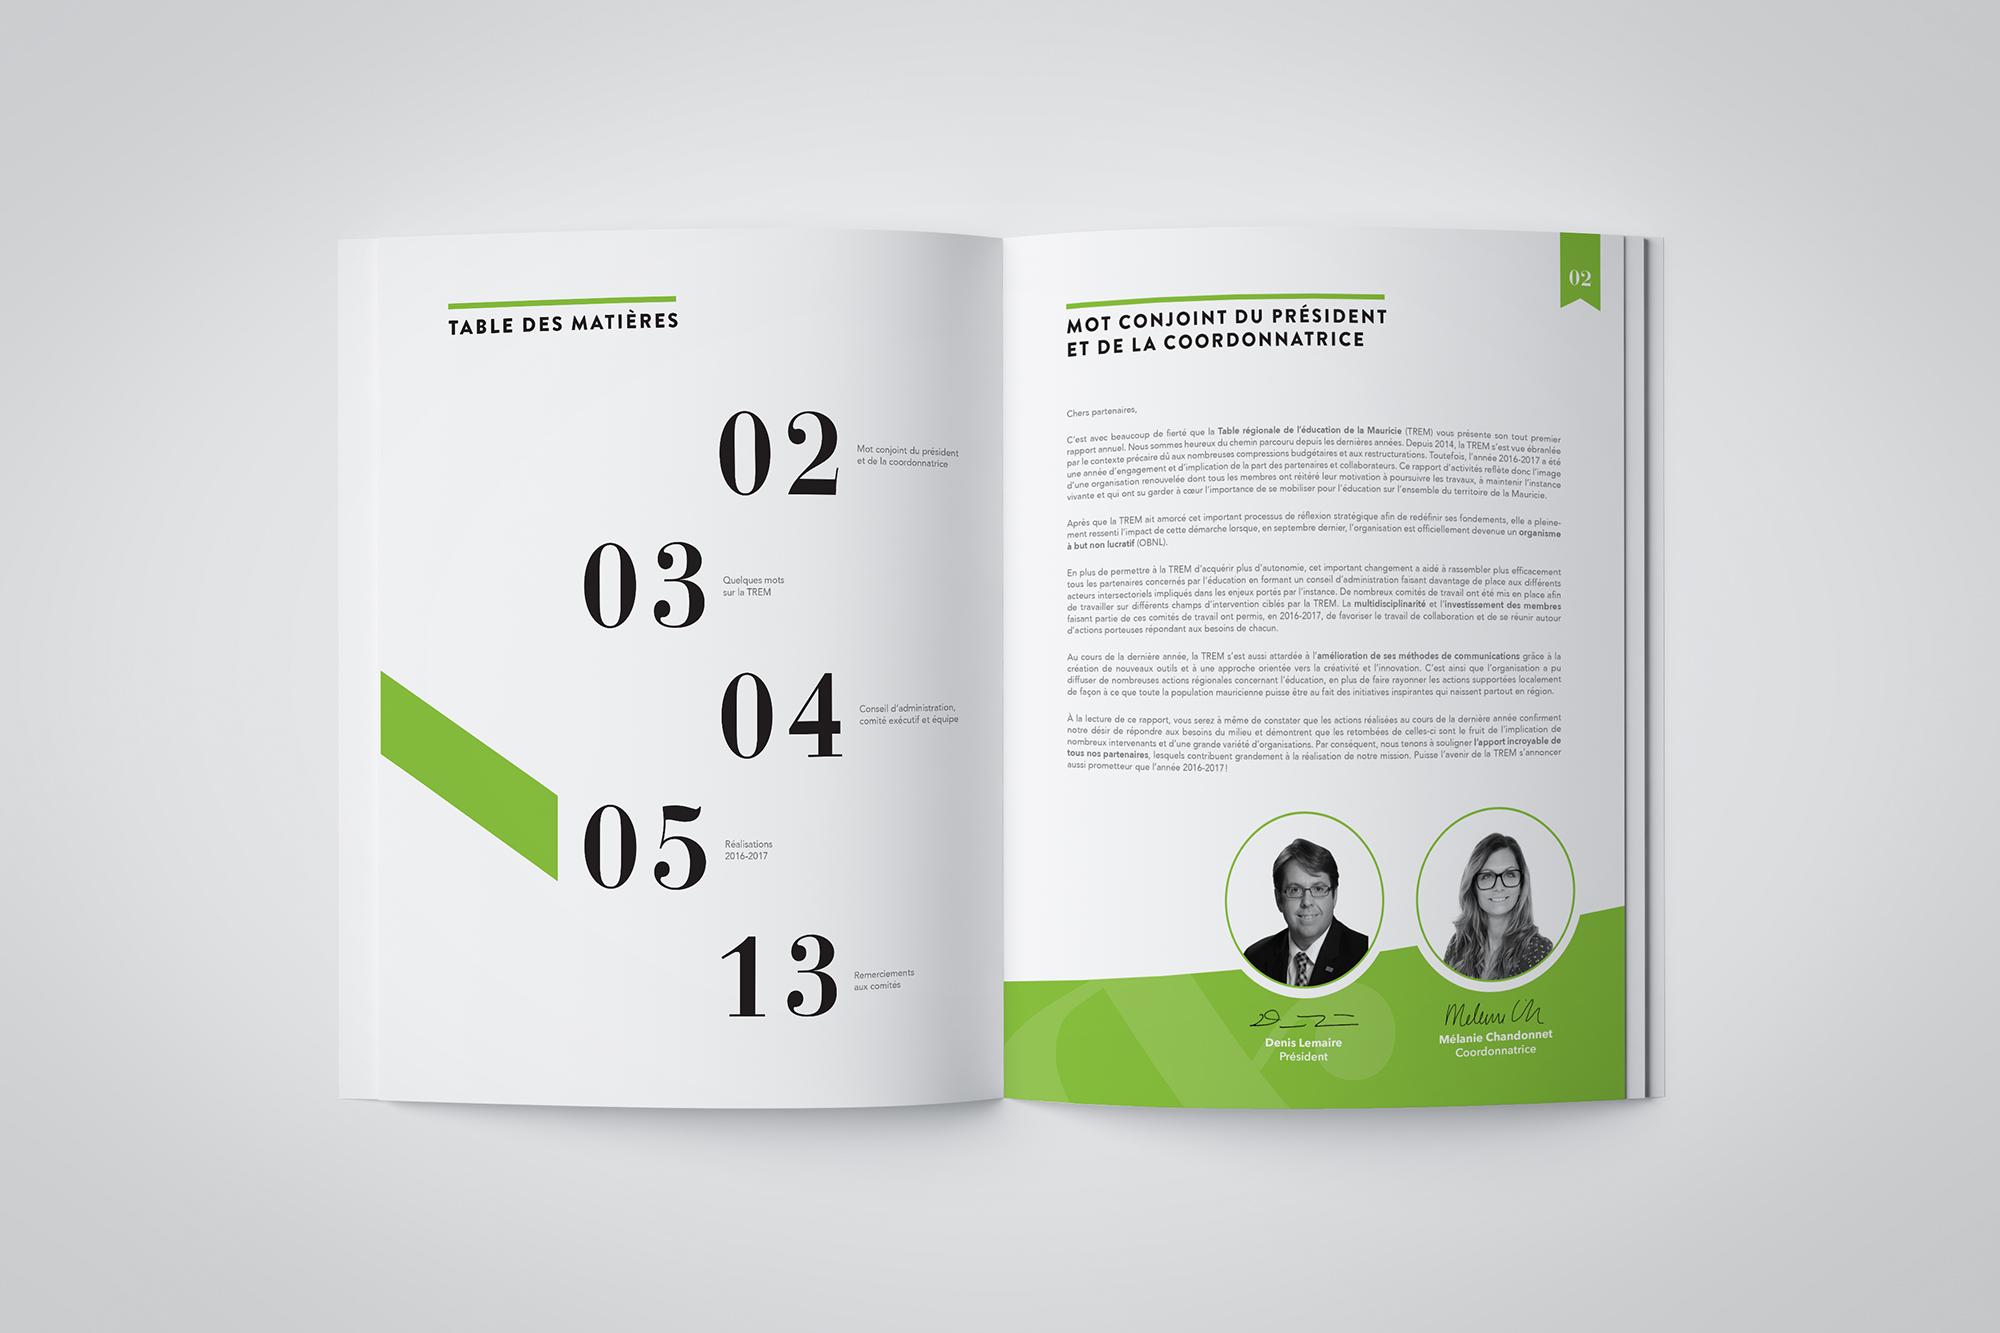 mise en page du rapport annuel 2016-2017 de la TREM